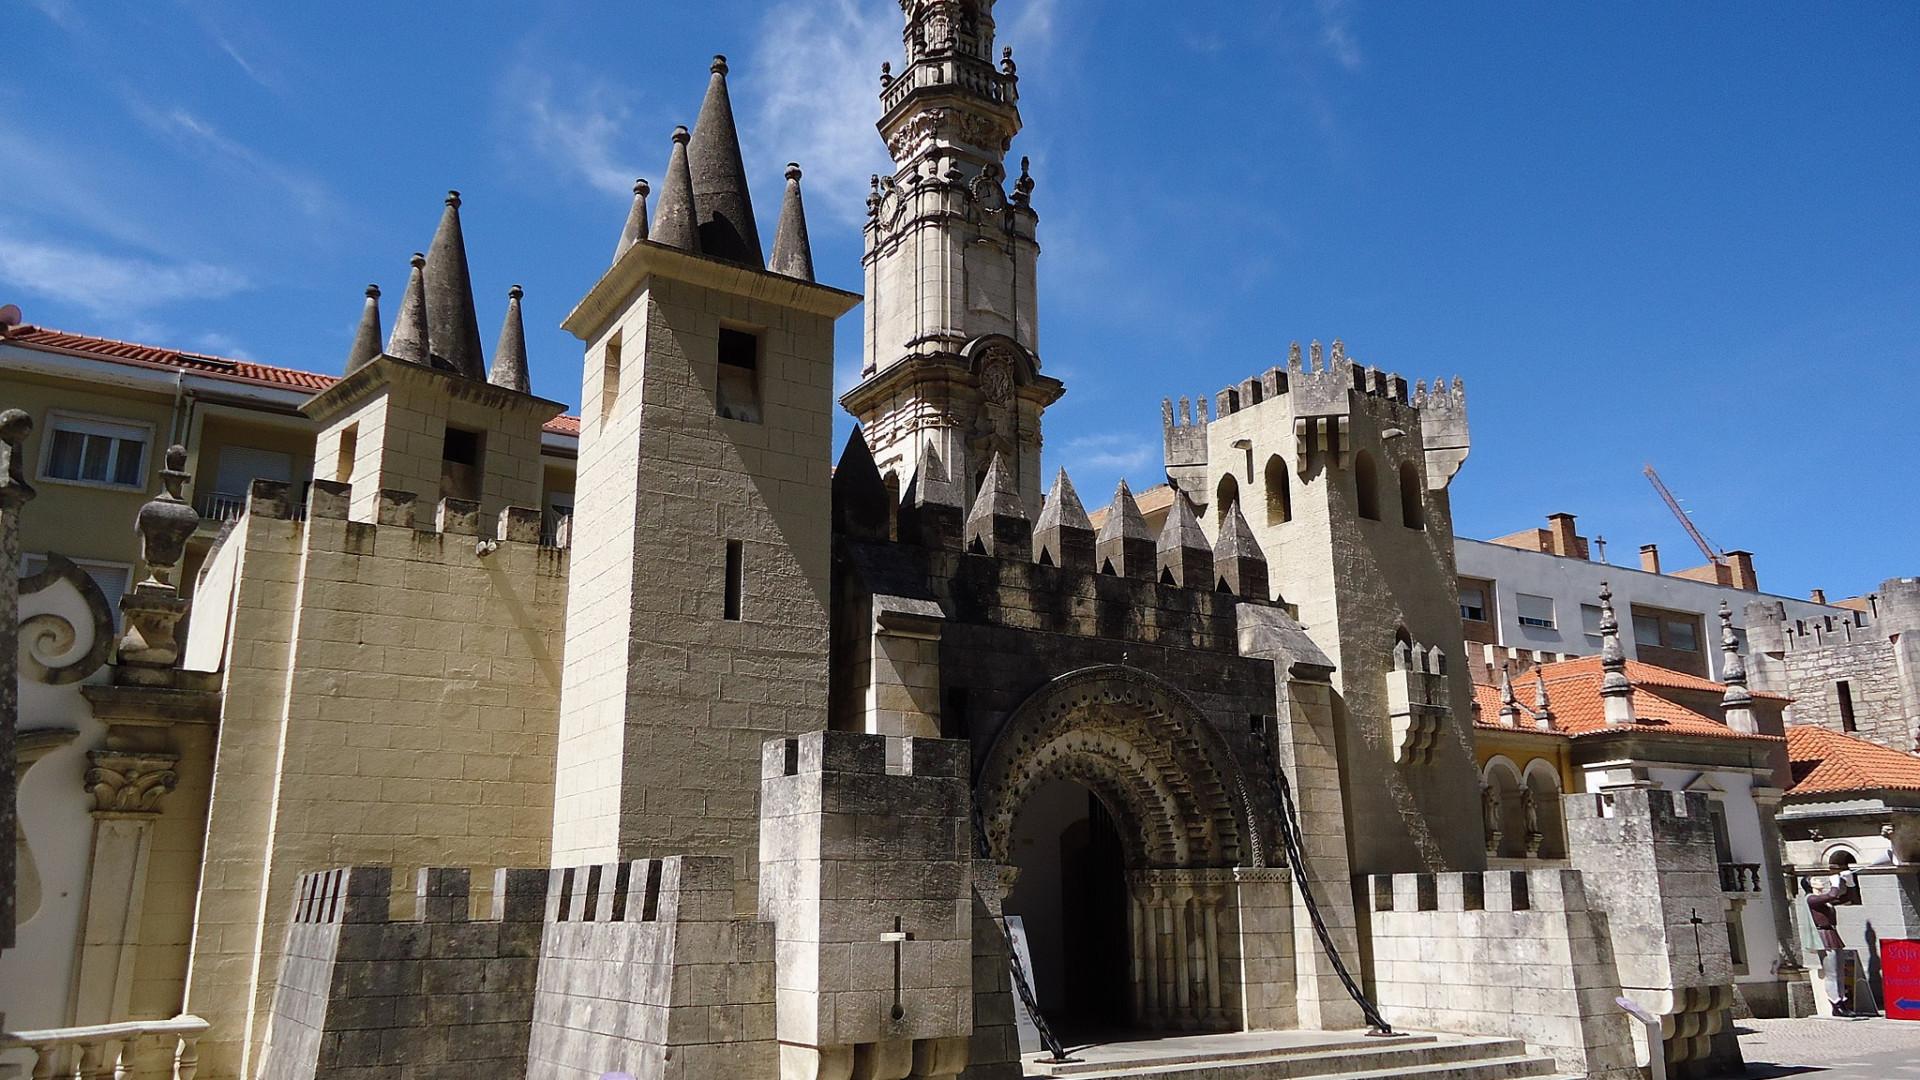 Visitas guiadas, filmes e jogos celebram Noite dos Museus em Coimbra